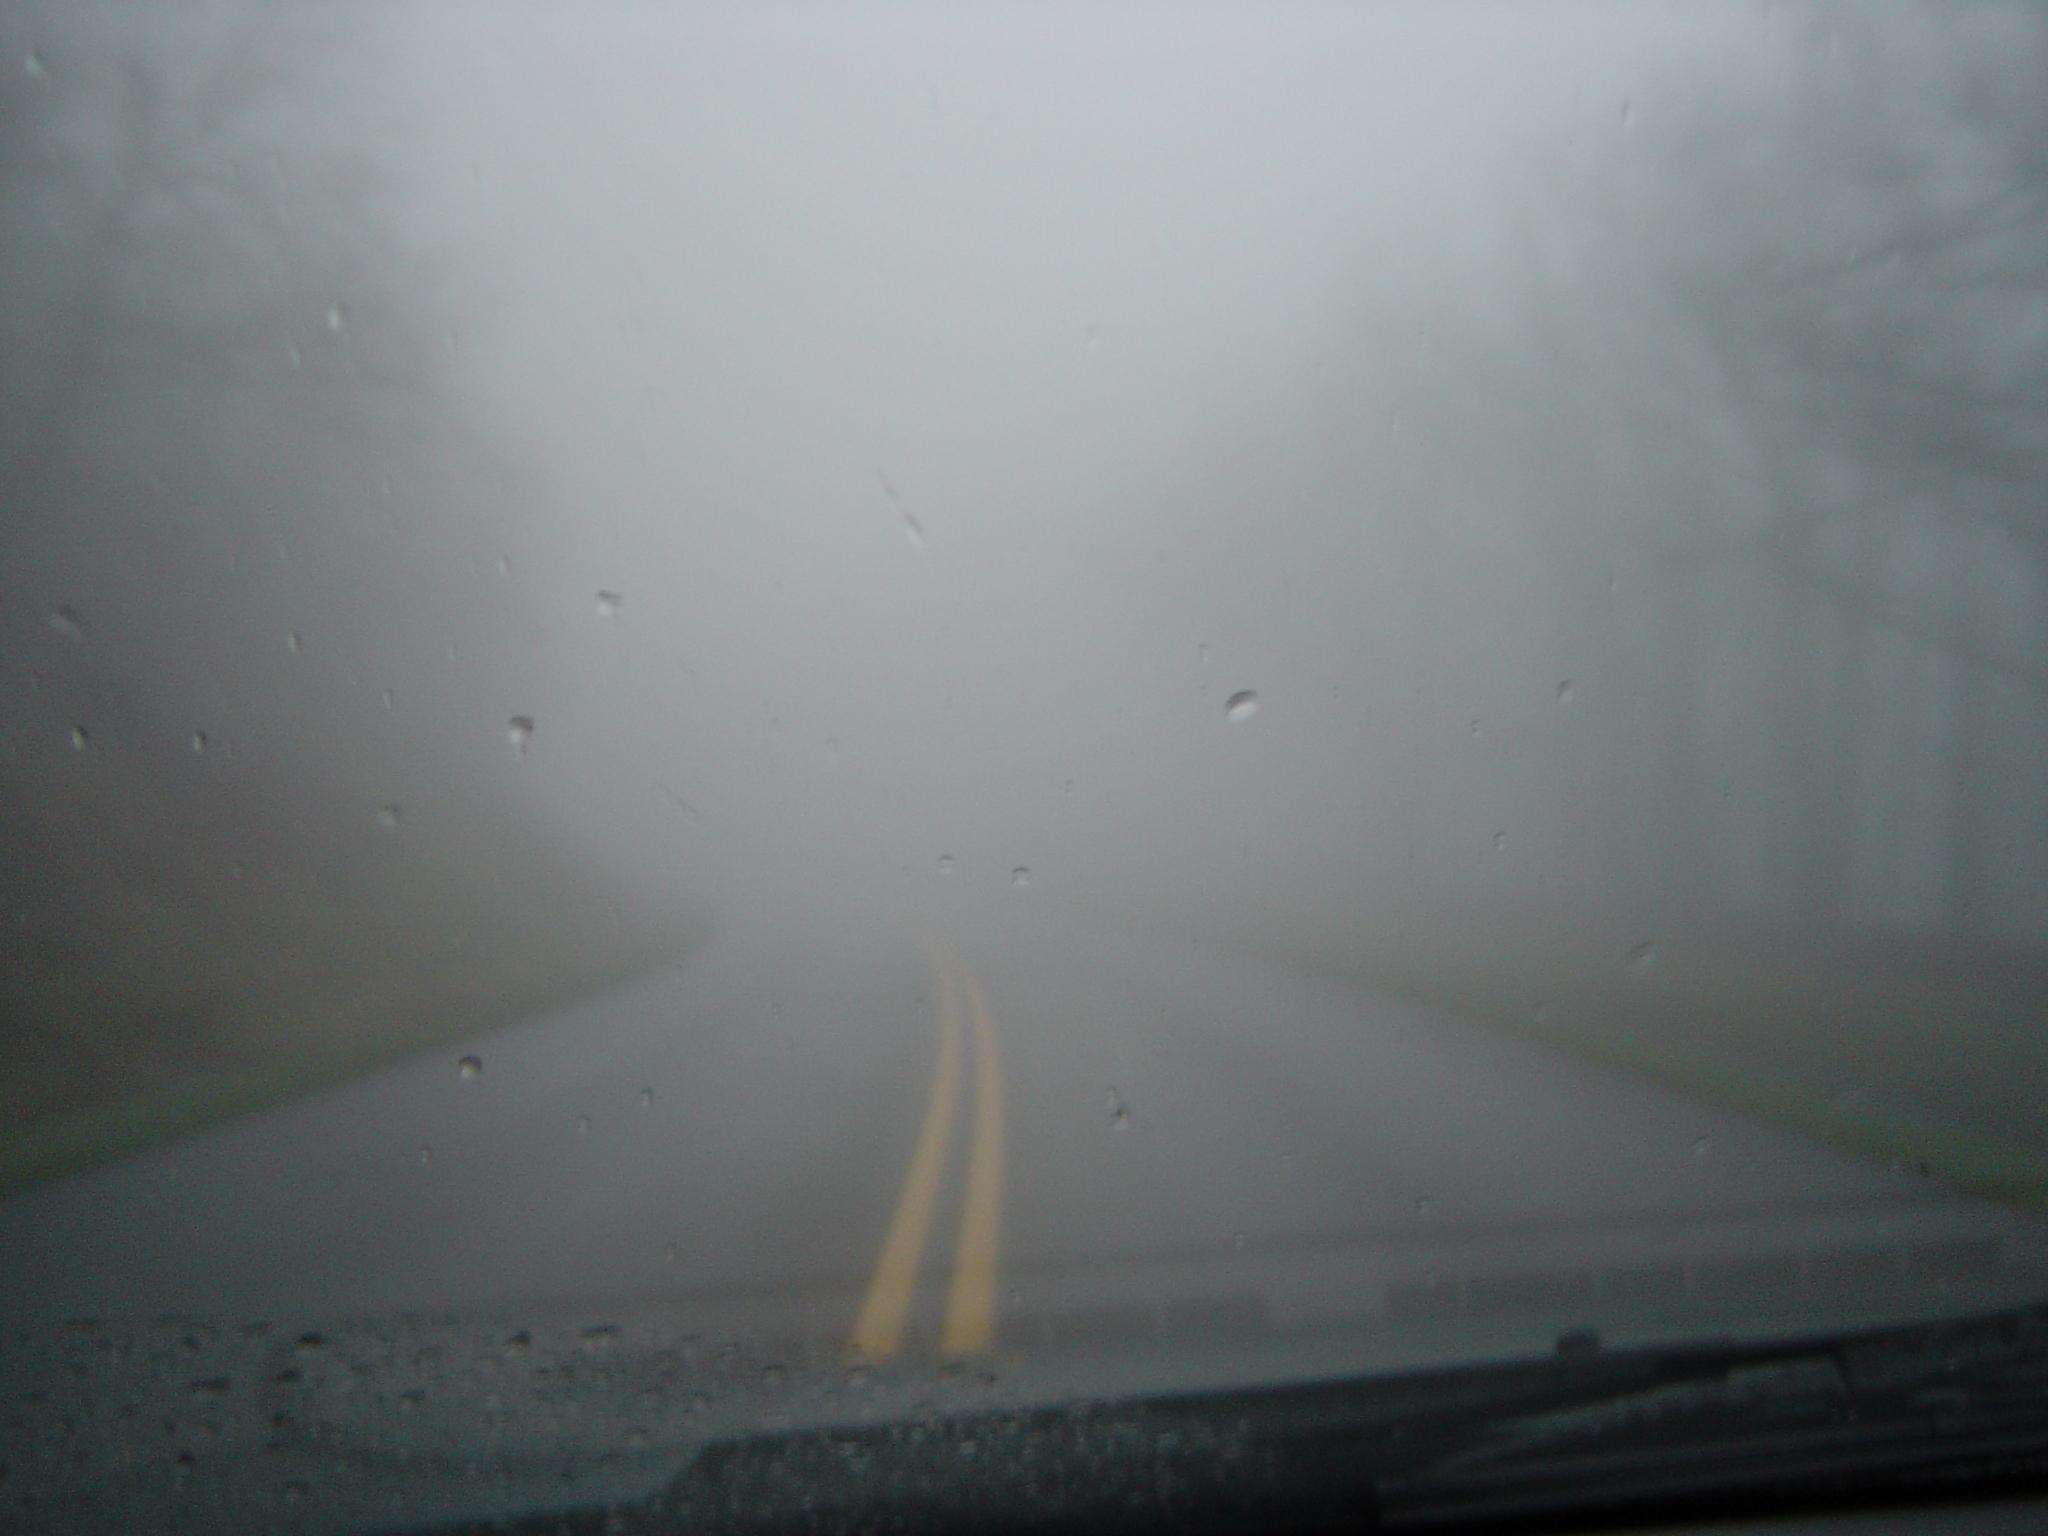 Meteorologii au emis Cod Galben de ceață și polei pentru județele Mureș, Harghita, Bihor, Covasna, Vaslui și Bacău.